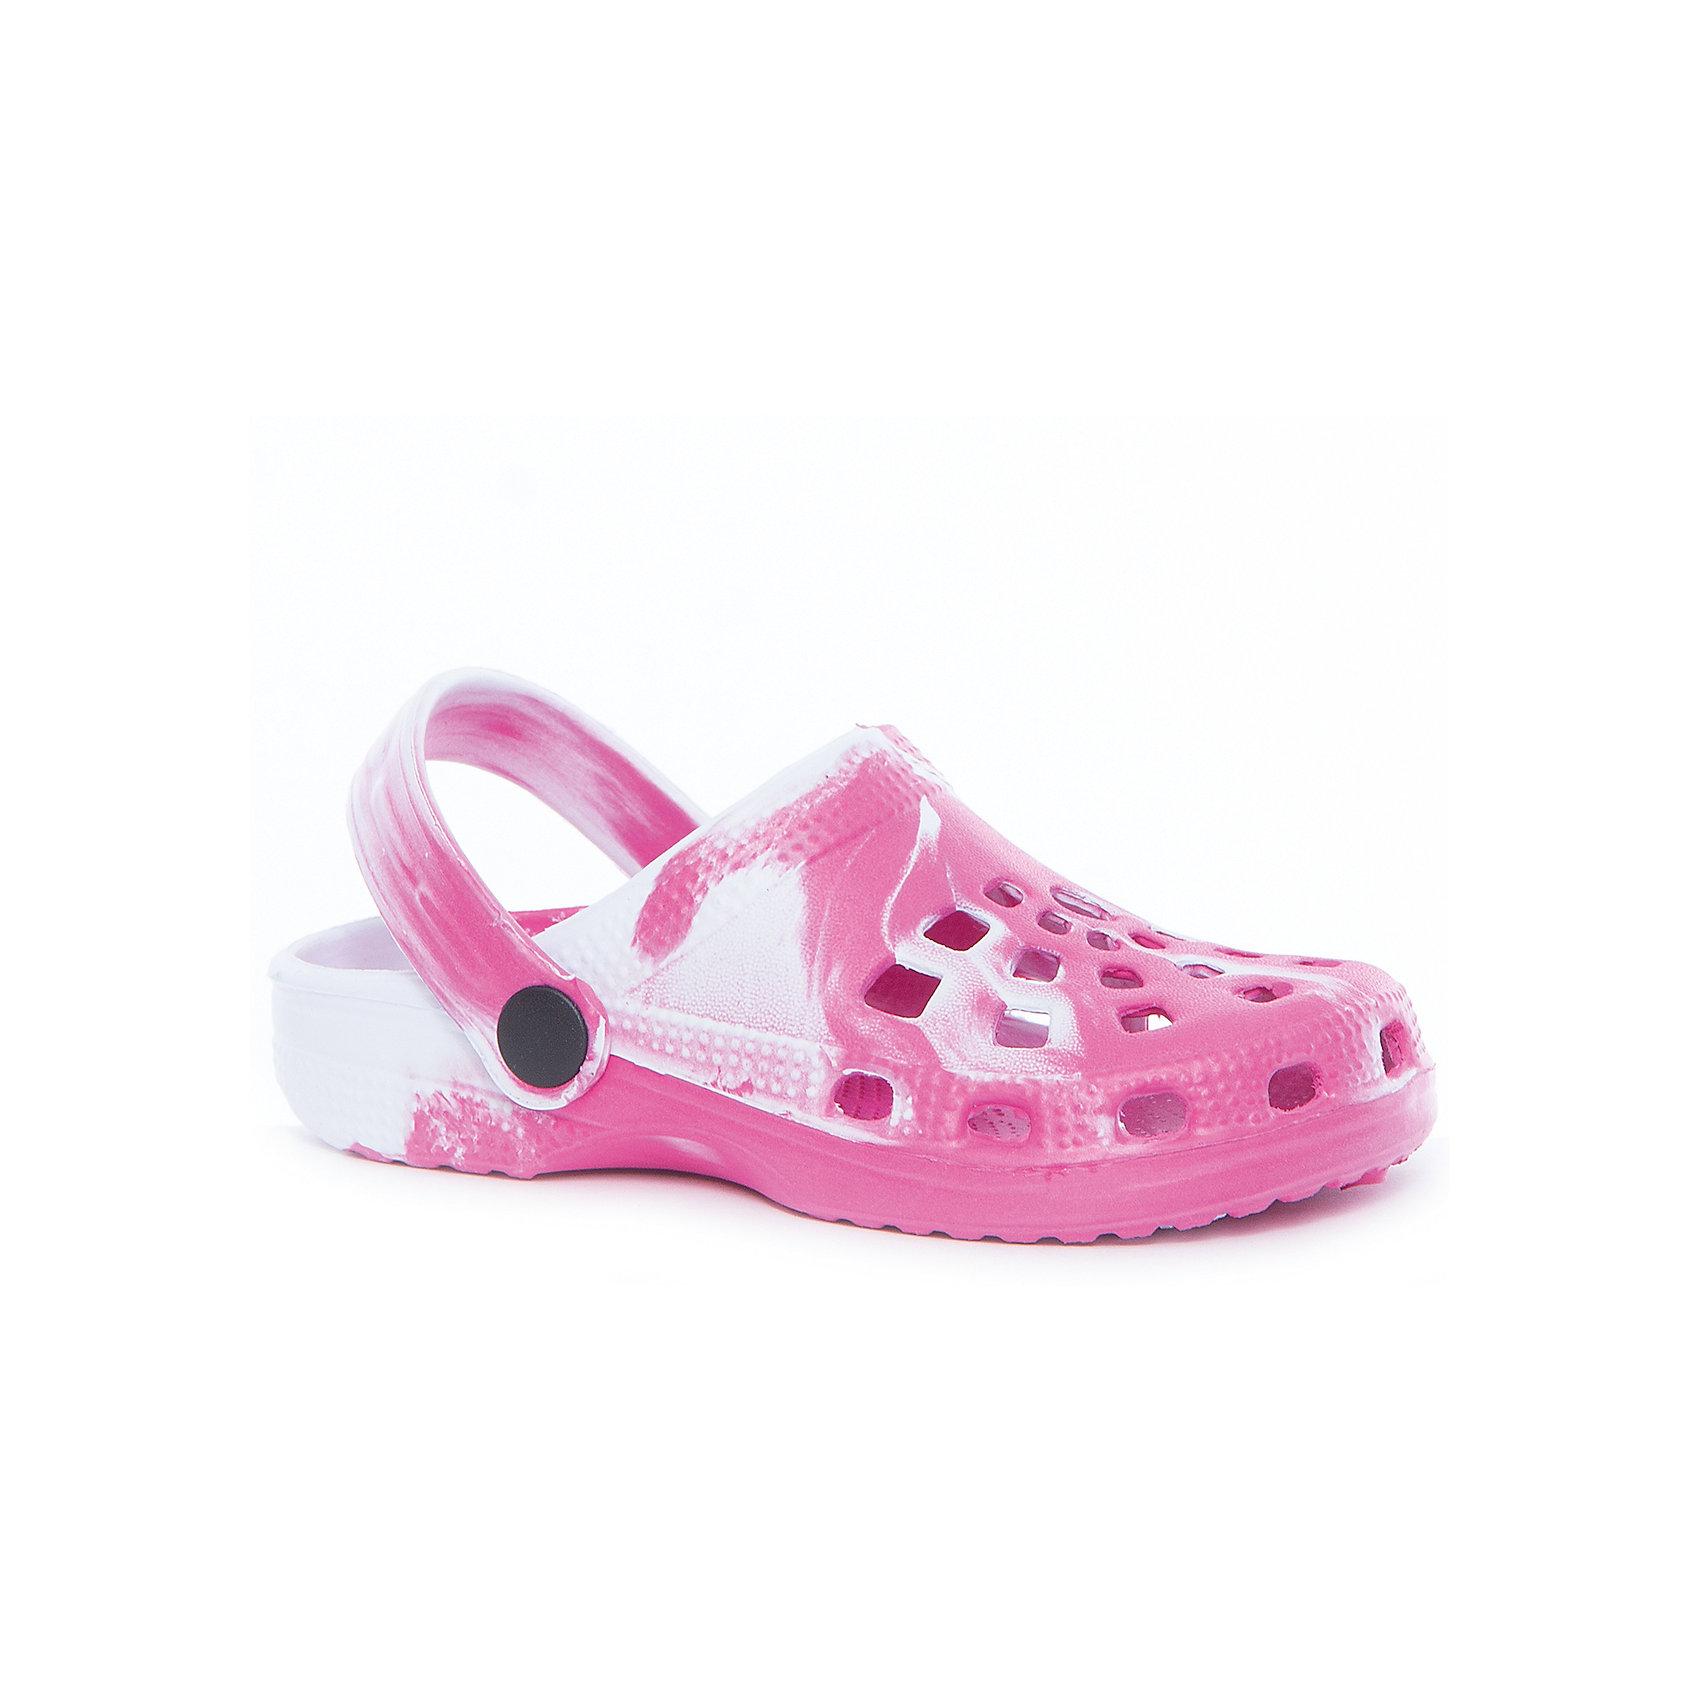 Пантолеты для девочки PlayTodayПантолеты для девочки PlayToday<br>Эти удобные пантолеты прекрасно подойдут и для дачи, и для пляжа. Подвижный пяточный ремень позволяет легко снимать о одевать обувь. Перфорированная носочная часть обеспечивает хорошую вентиляцию <br><br>Преимущества: <br><br>Подвижный пяточный ремень позволяет легко снимать и одевать пантолеты<br>Перфорированная носочная часть обеспечивает хорошую вентиляцию<br><br>Состав:<br>100% этилвинилацетат<br><br>Ширина мм: 225<br>Глубина мм: 139<br>Высота мм: 112<br>Вес г: 290<br>Цвет: разноцветный<br>Возраст от месяцев: 96<br>Возраст до месяцев: 108<br>Пол: Женский<br>Возраст: Детский<br>Размер: 32,28,29,30,31<br>SKU: 5404666